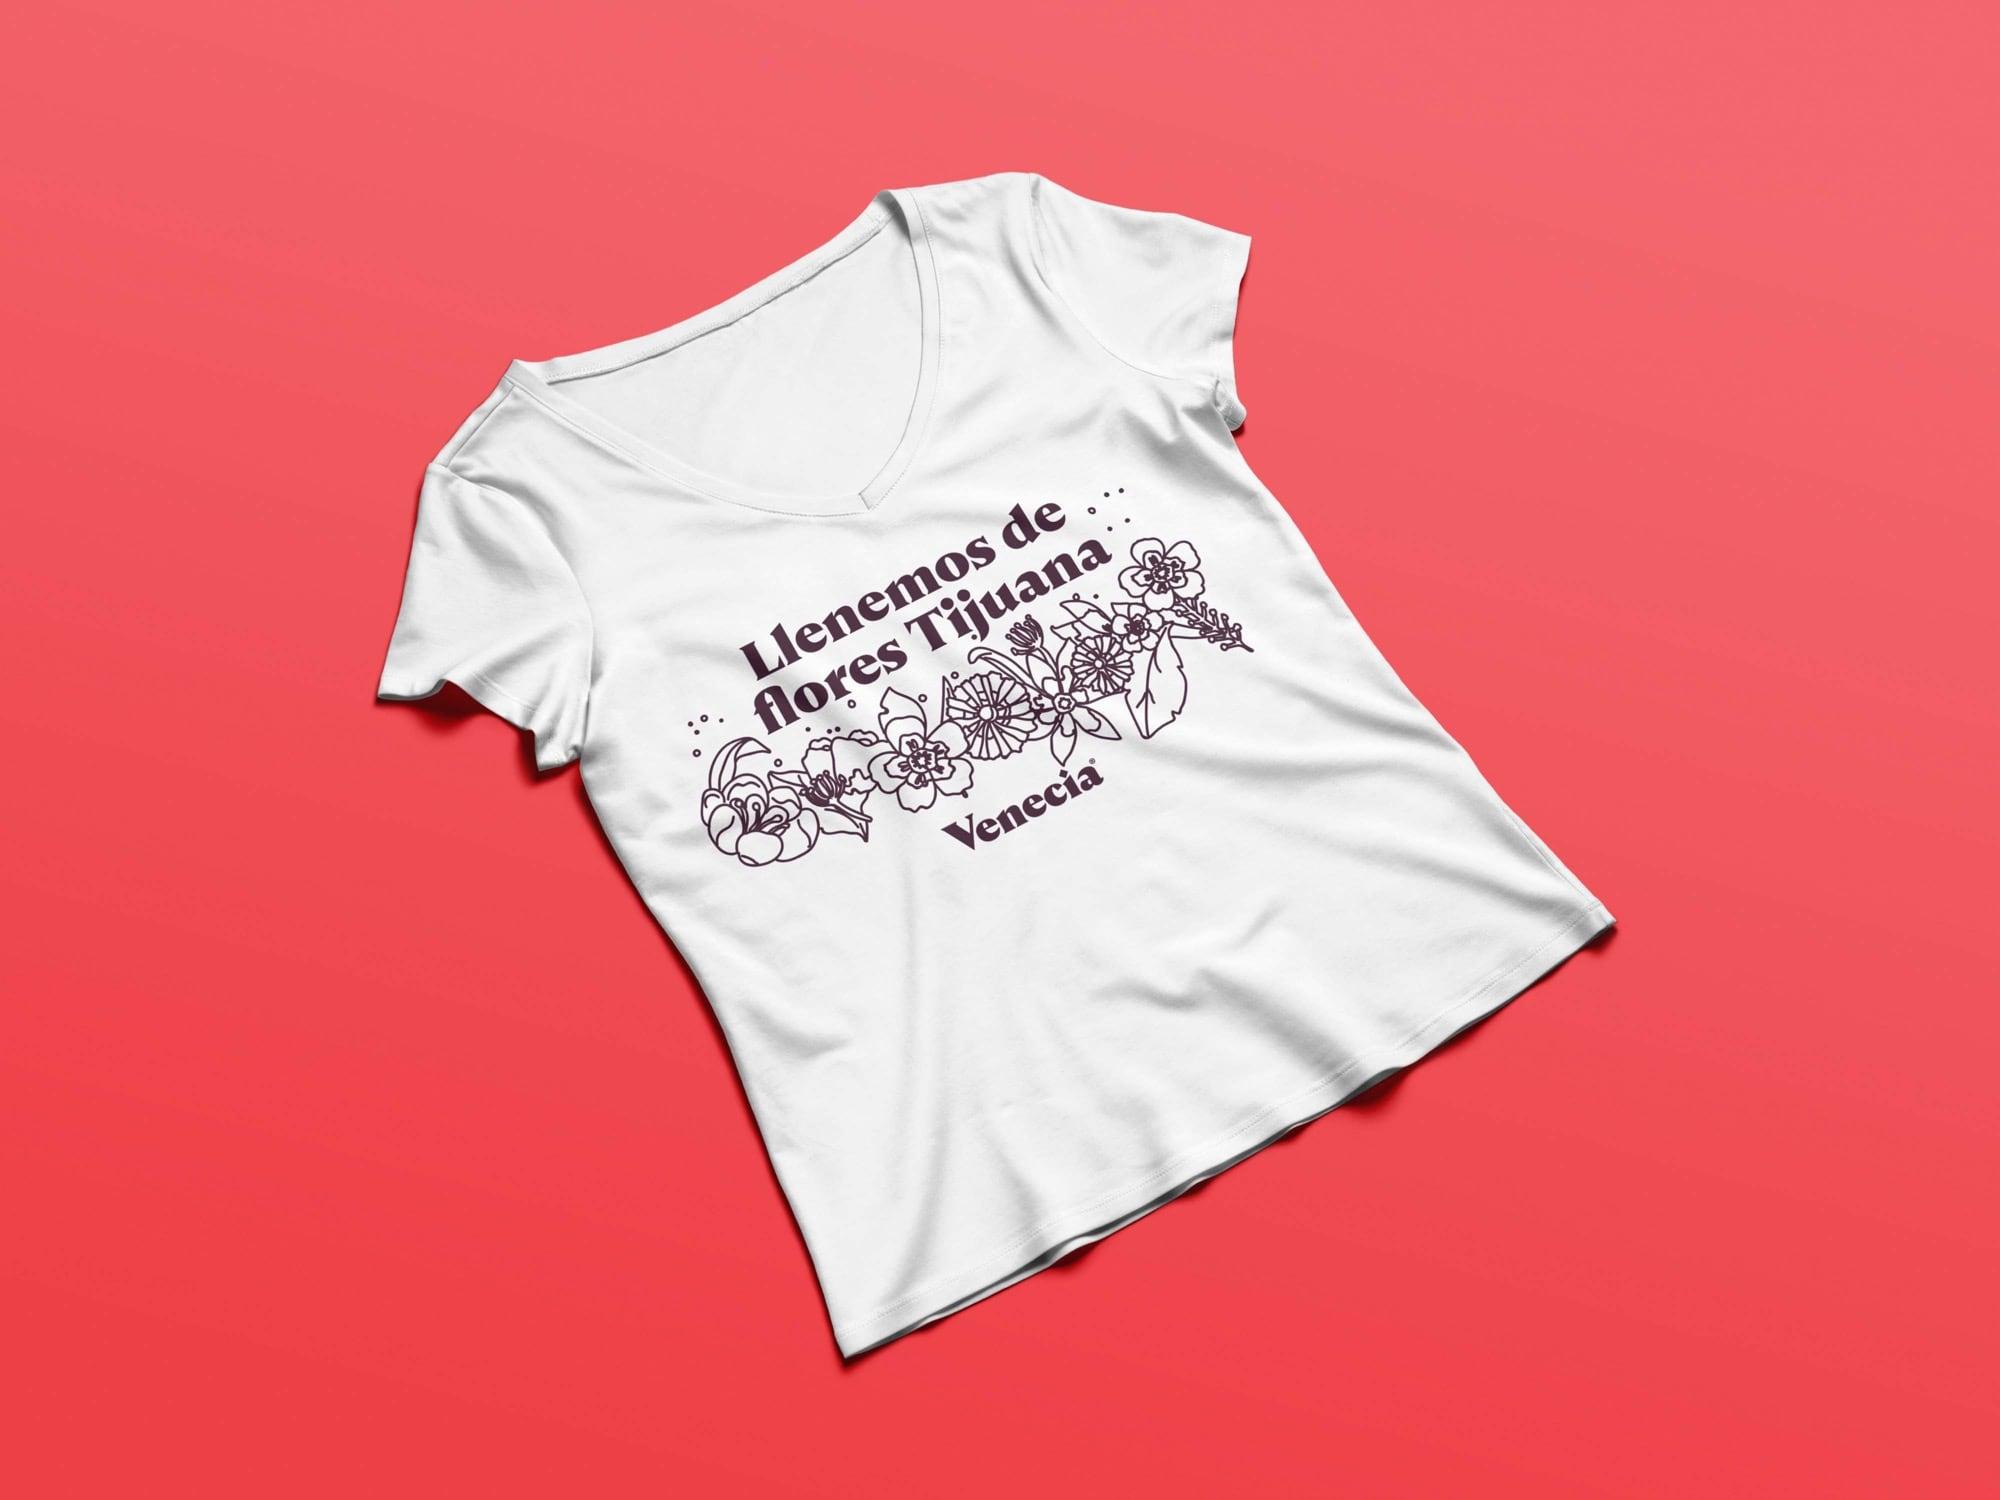 VENECIA-Camiseta simulación 1